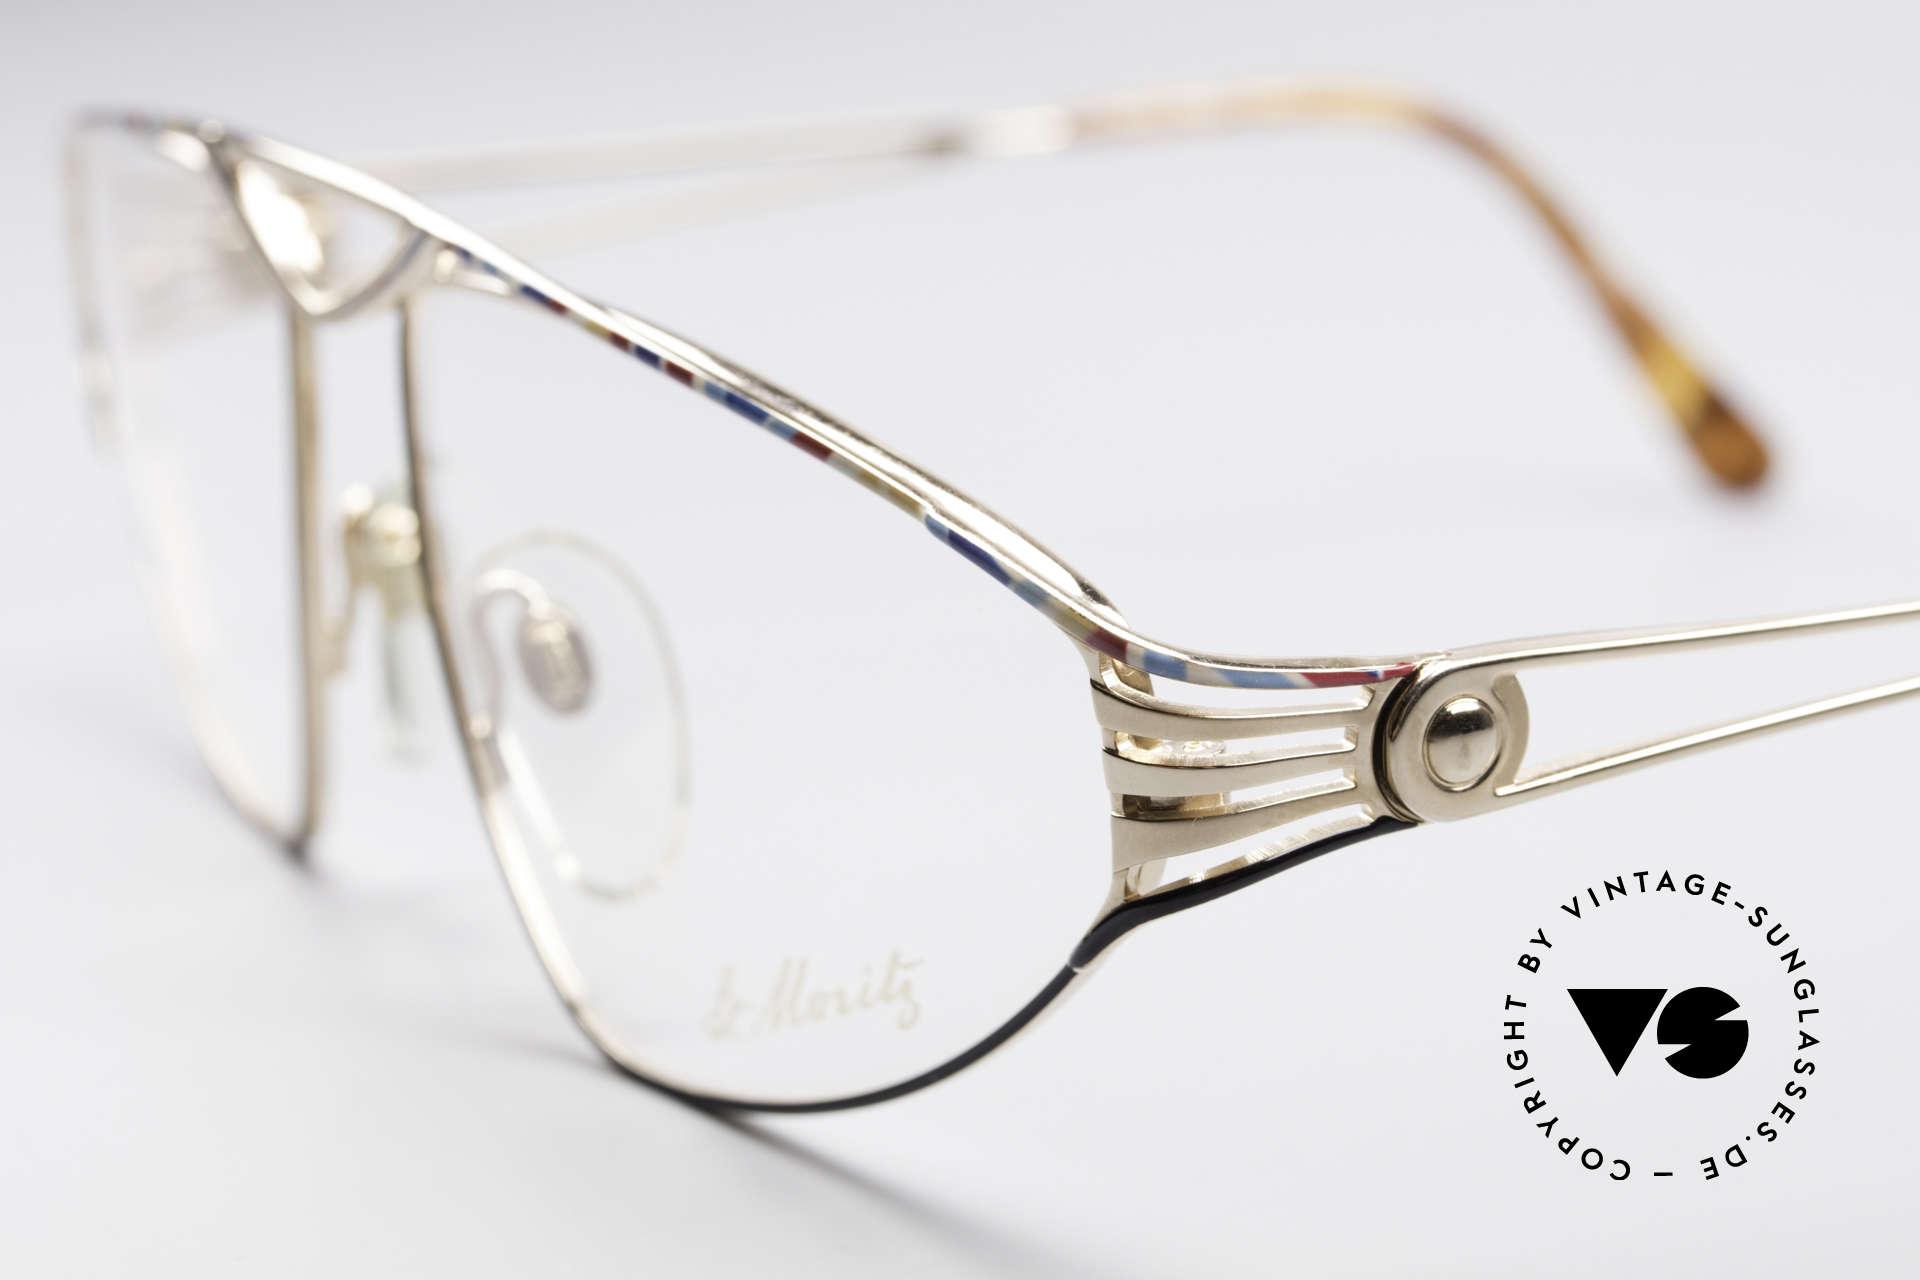 St. Moritz 4410 Luxus Designer Brille, enorm hochwertig (vergoldet & sehr aufwändig lackiert), Passend für Damen